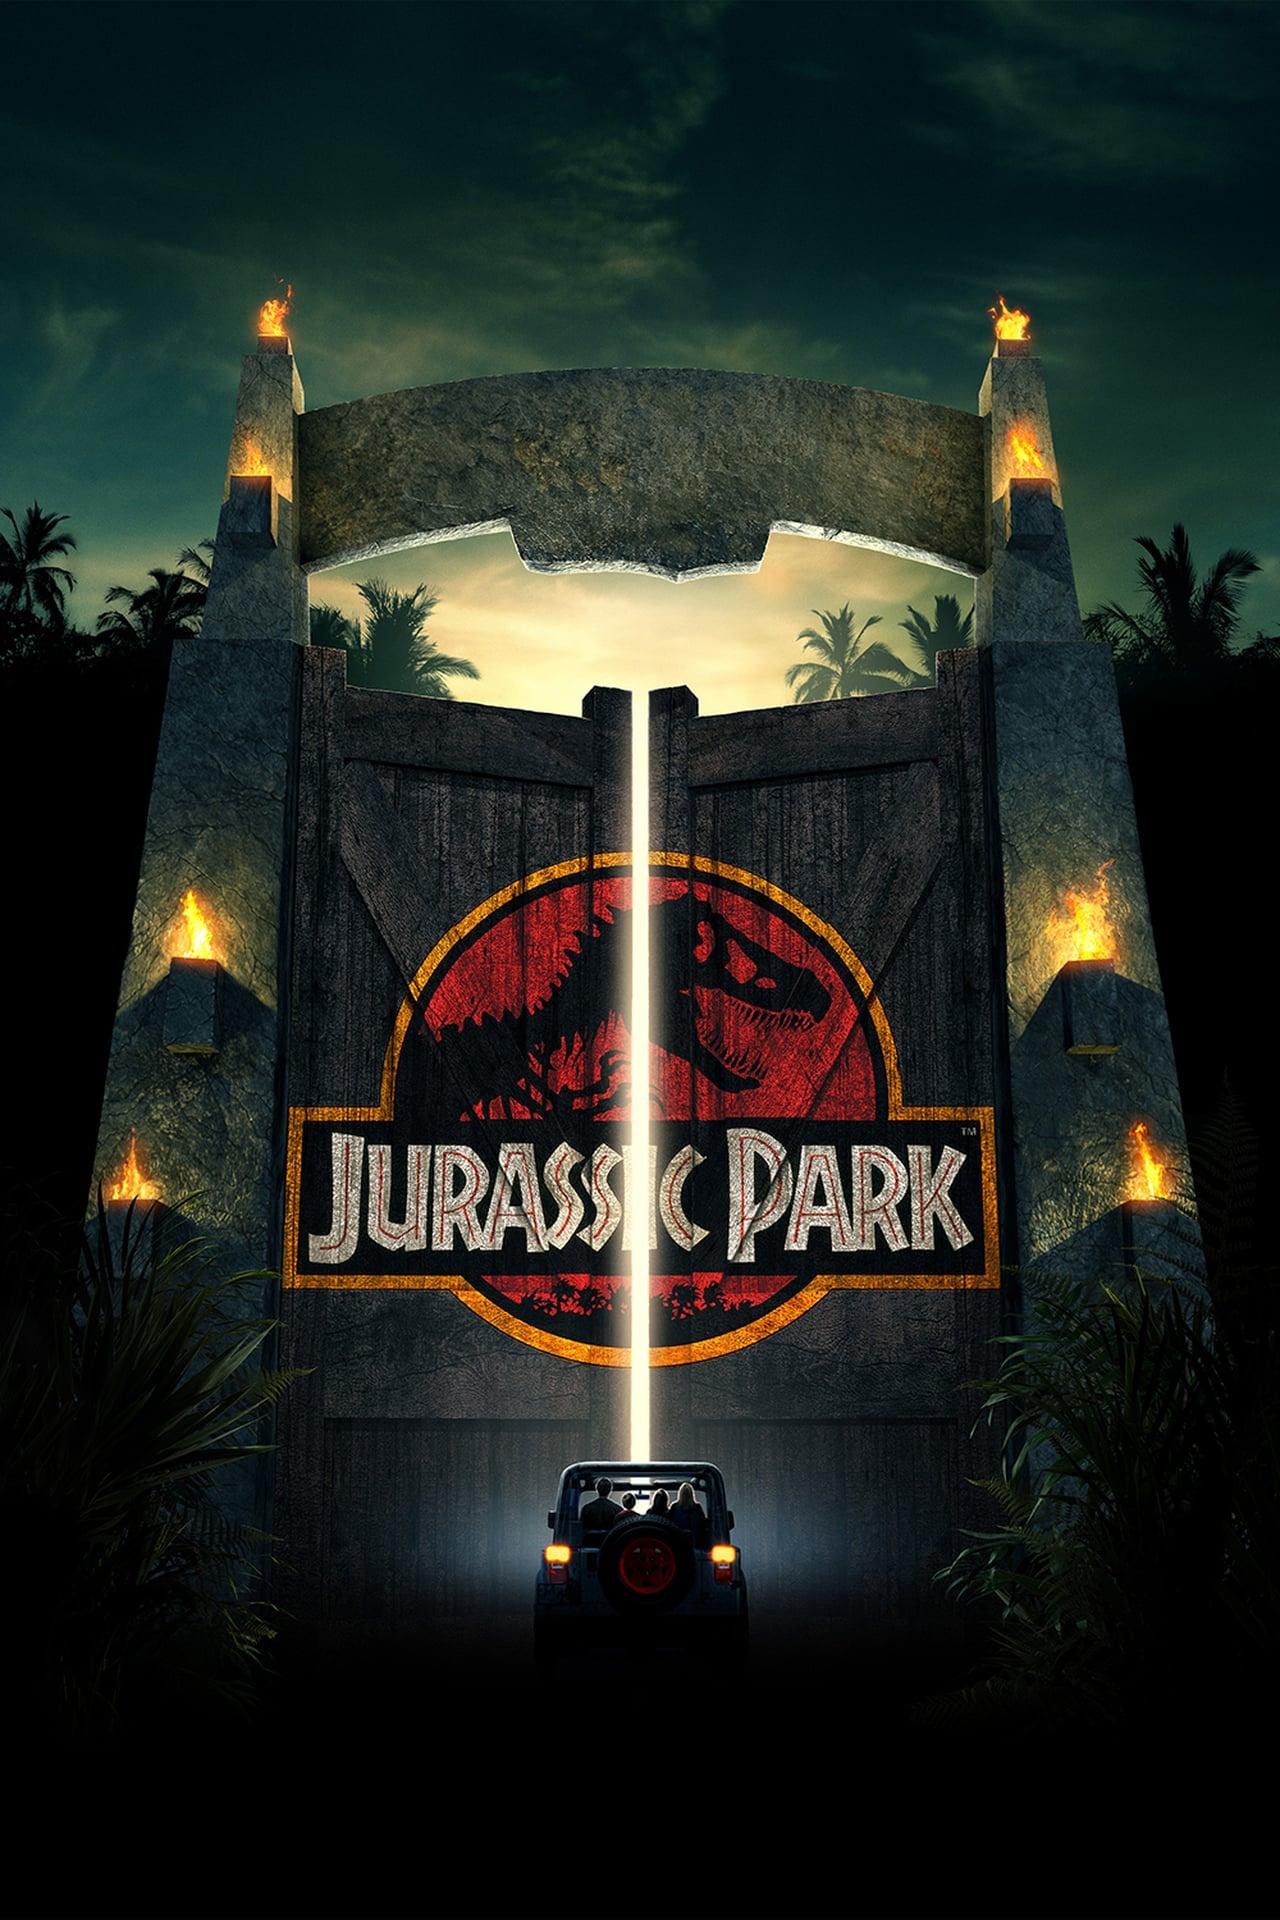 jurassic park mobile wallpaper